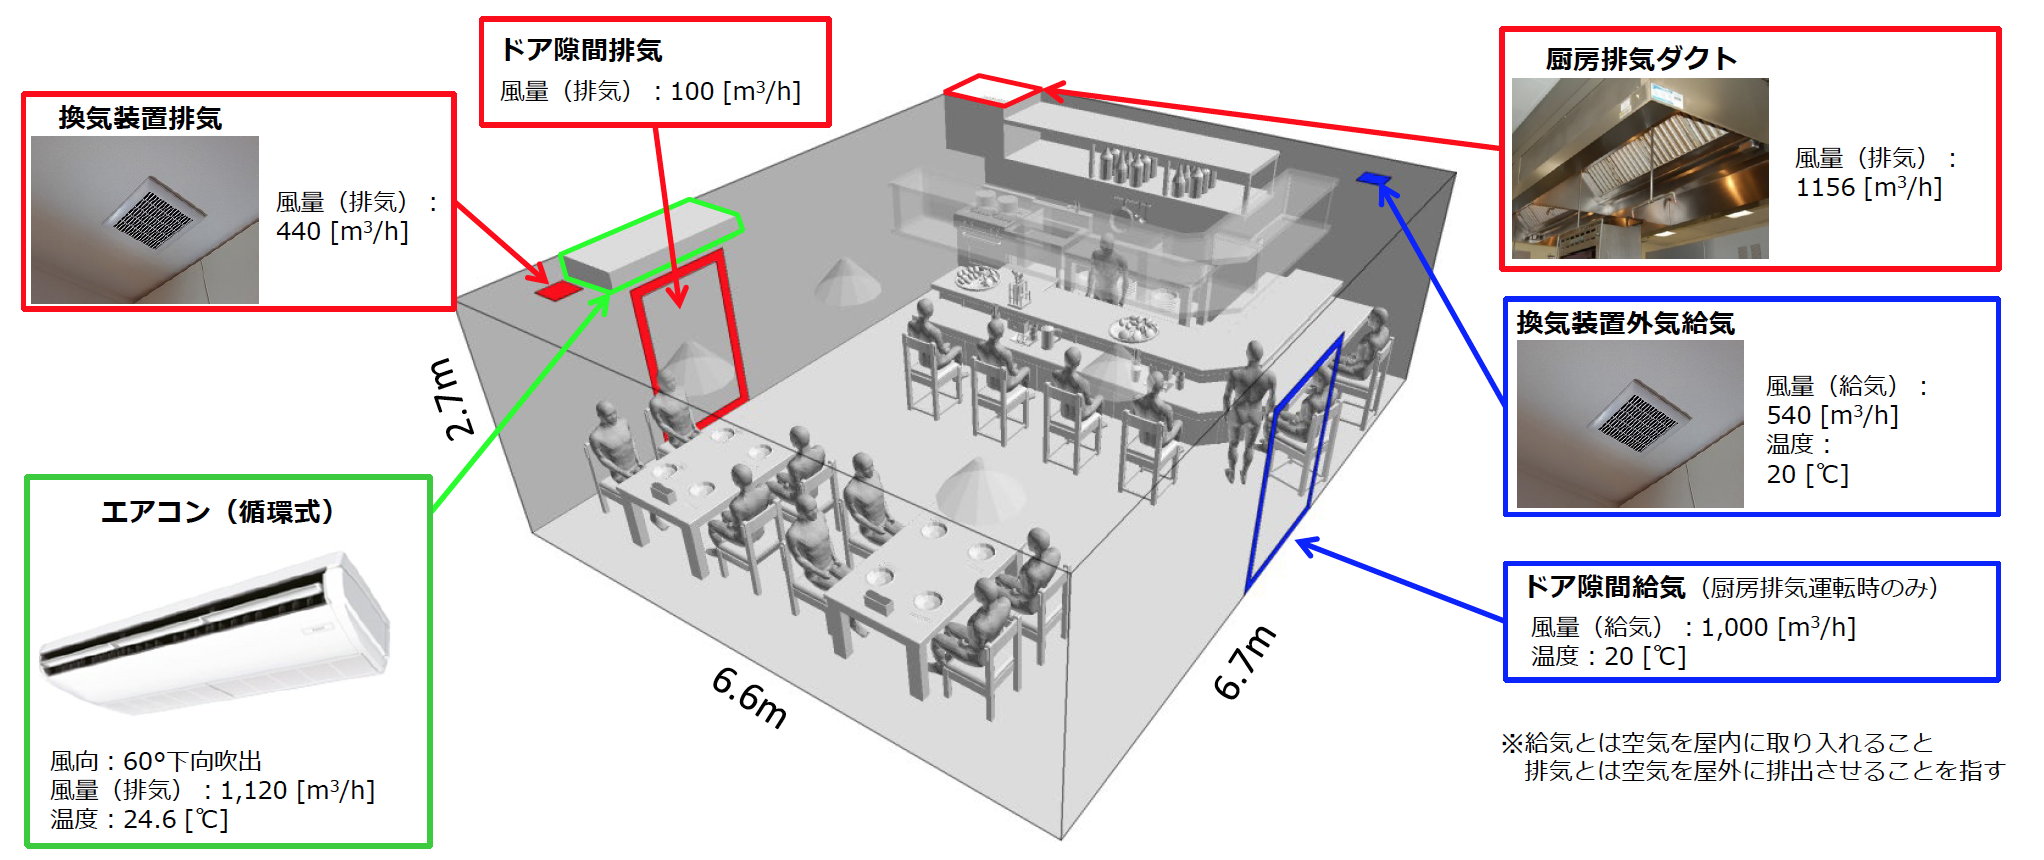 飲食店における飛沫感染リスク評価と対策